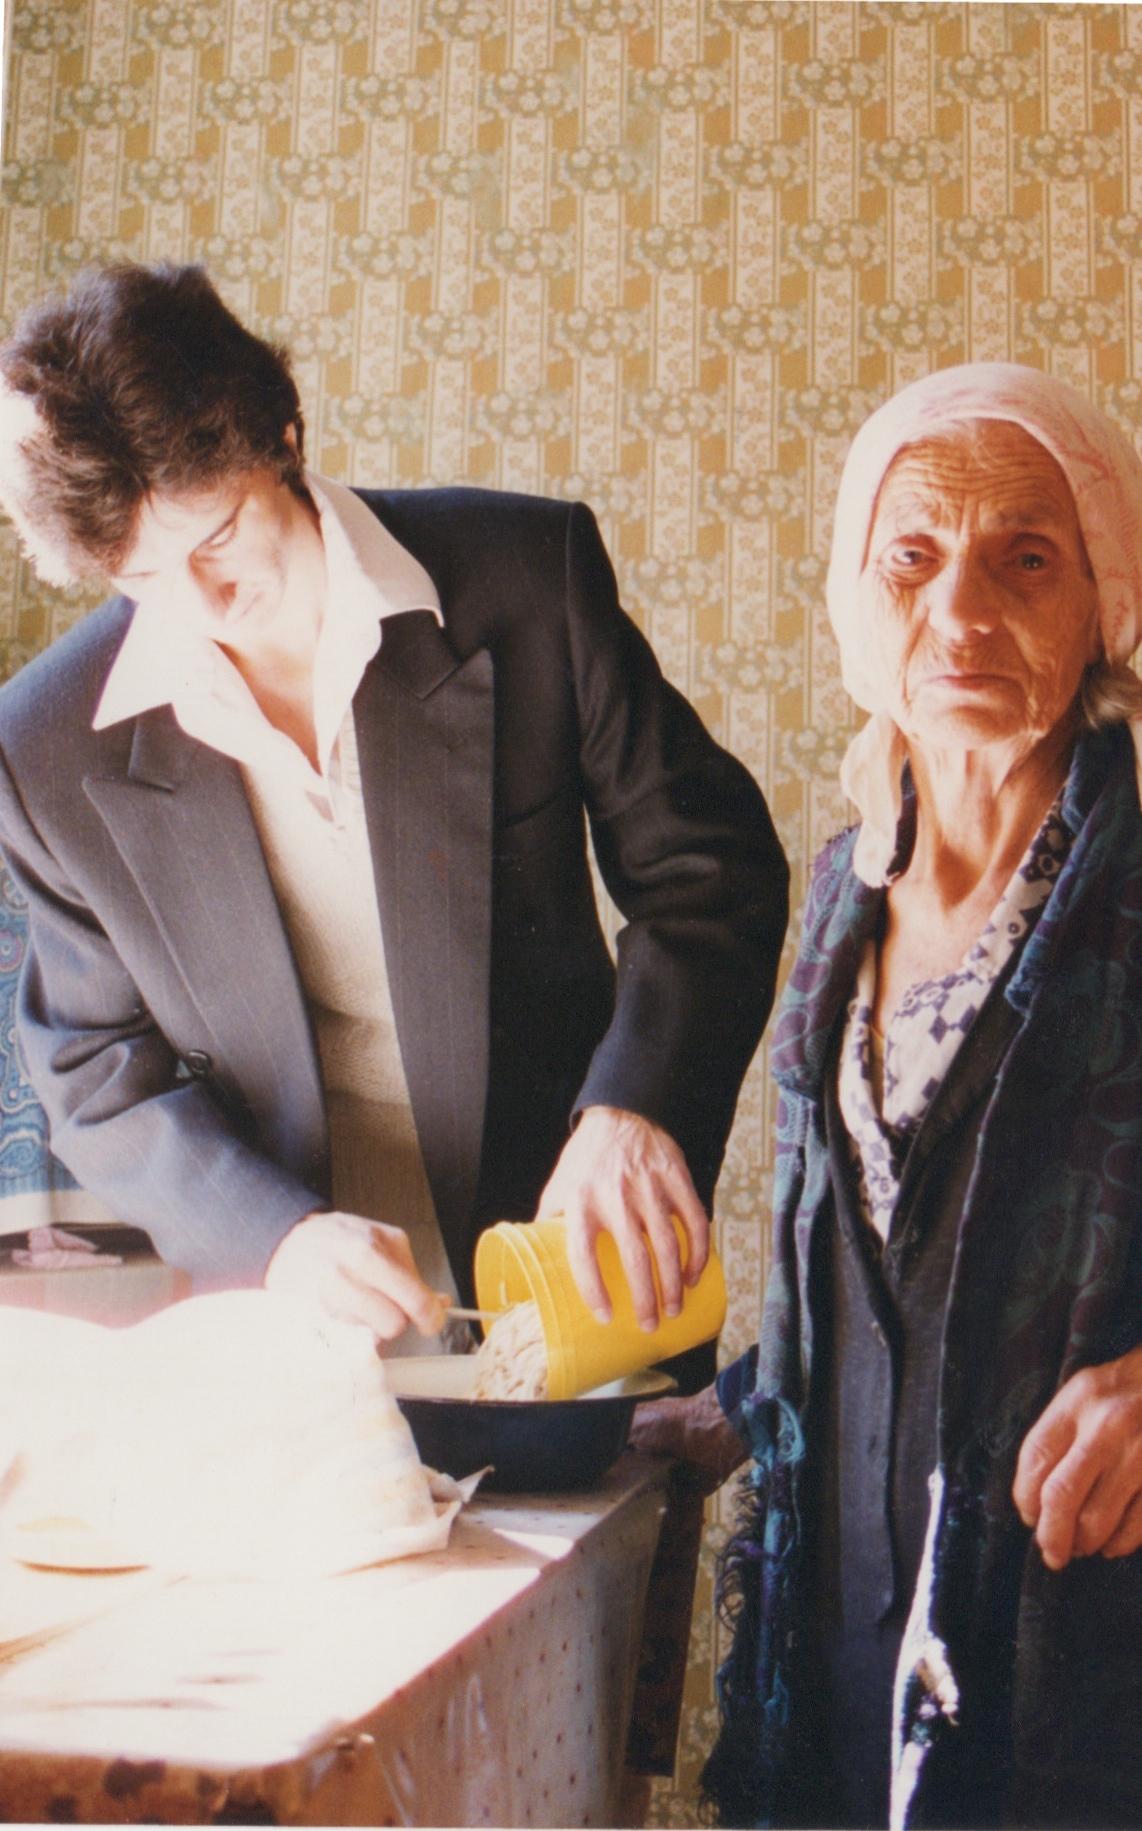 Ilgar with woman.jpeg